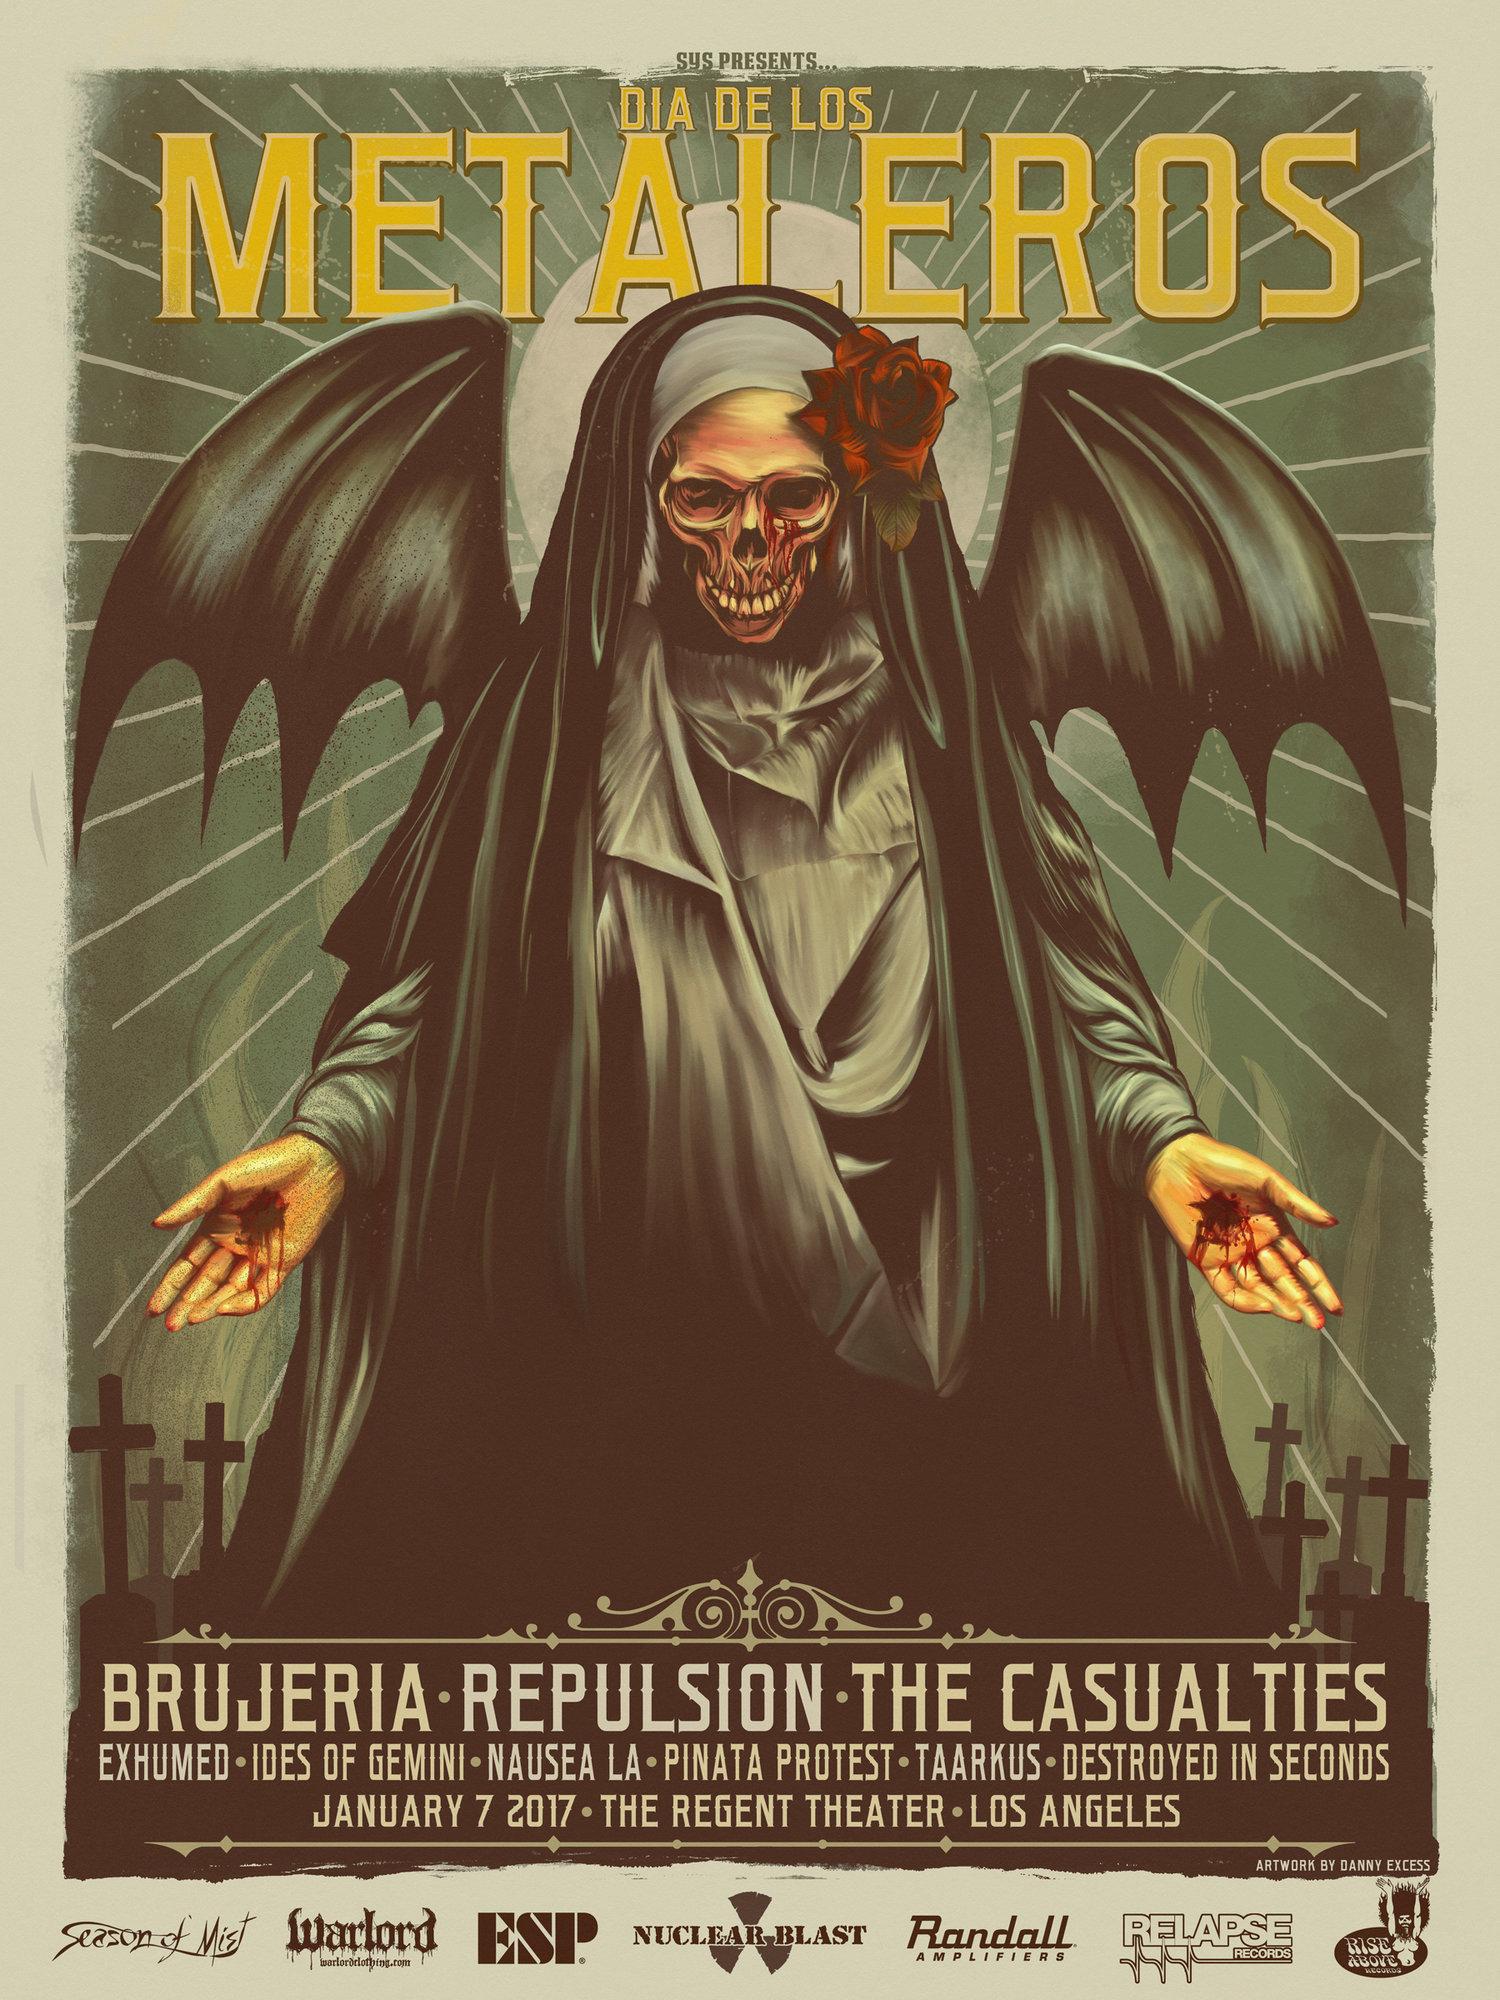 Dia De Los Metaleros  Danny Excess - Los angeles posters vintage